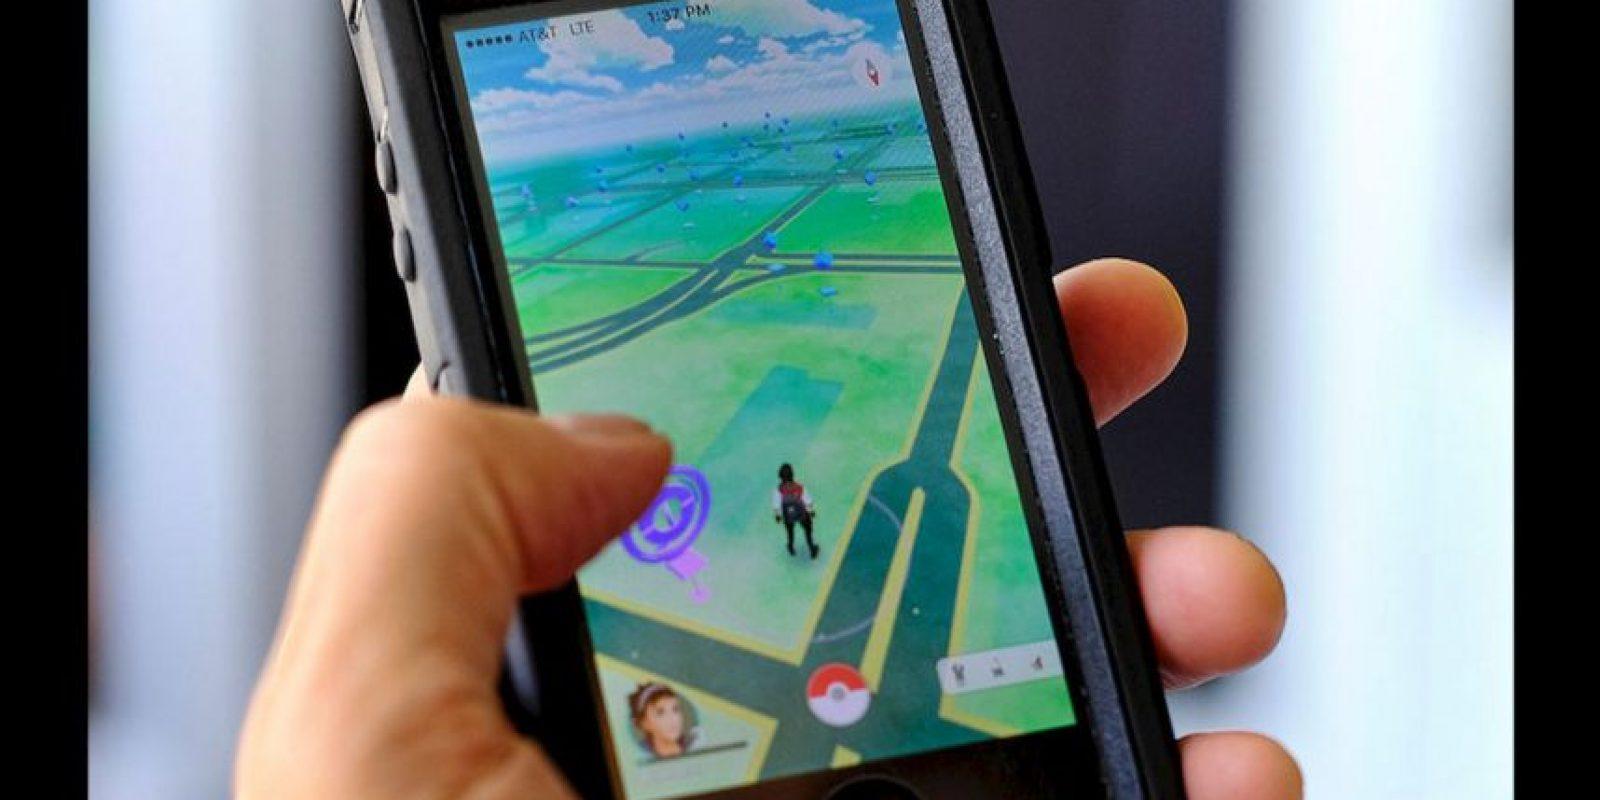 Miles han sido los fanáticos que descargaron la app a segundos de que fuera lanzada al mercado. Foto:AP. Imagen Por: